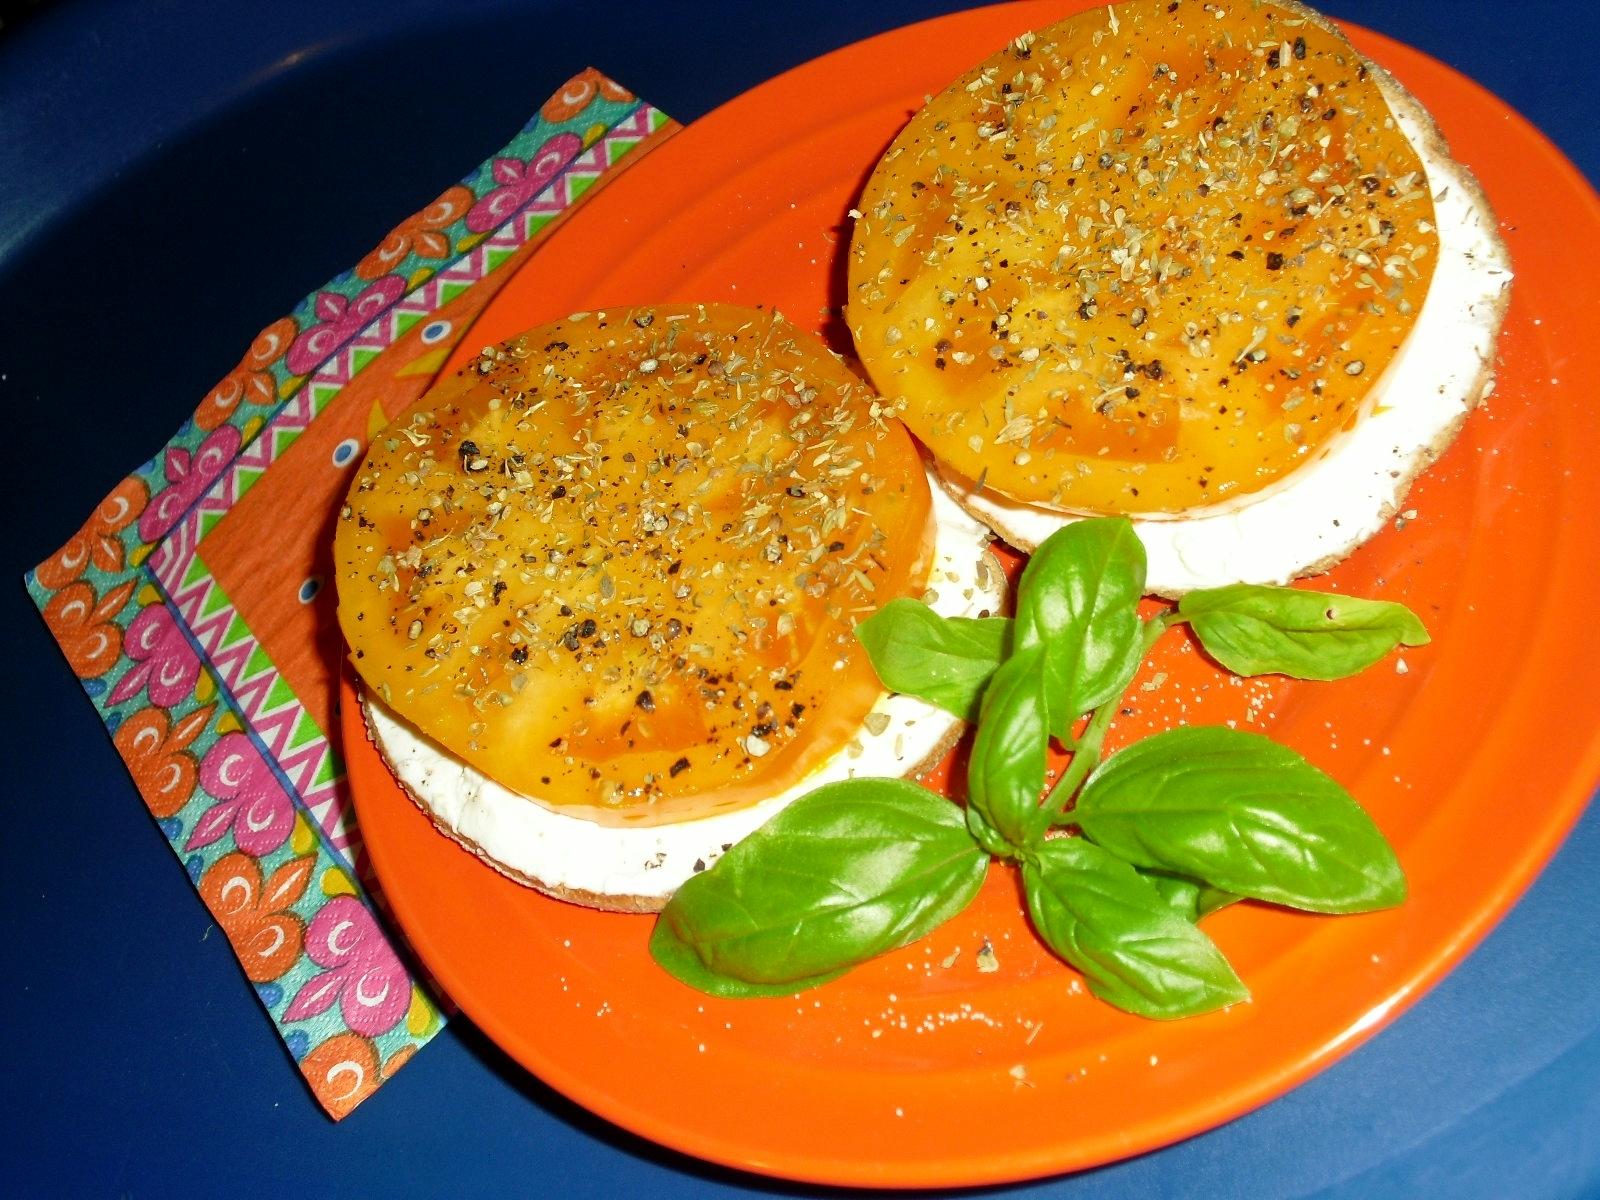 f238b9fd807cfa1f57ce_Breakfast_sandwich.jpg